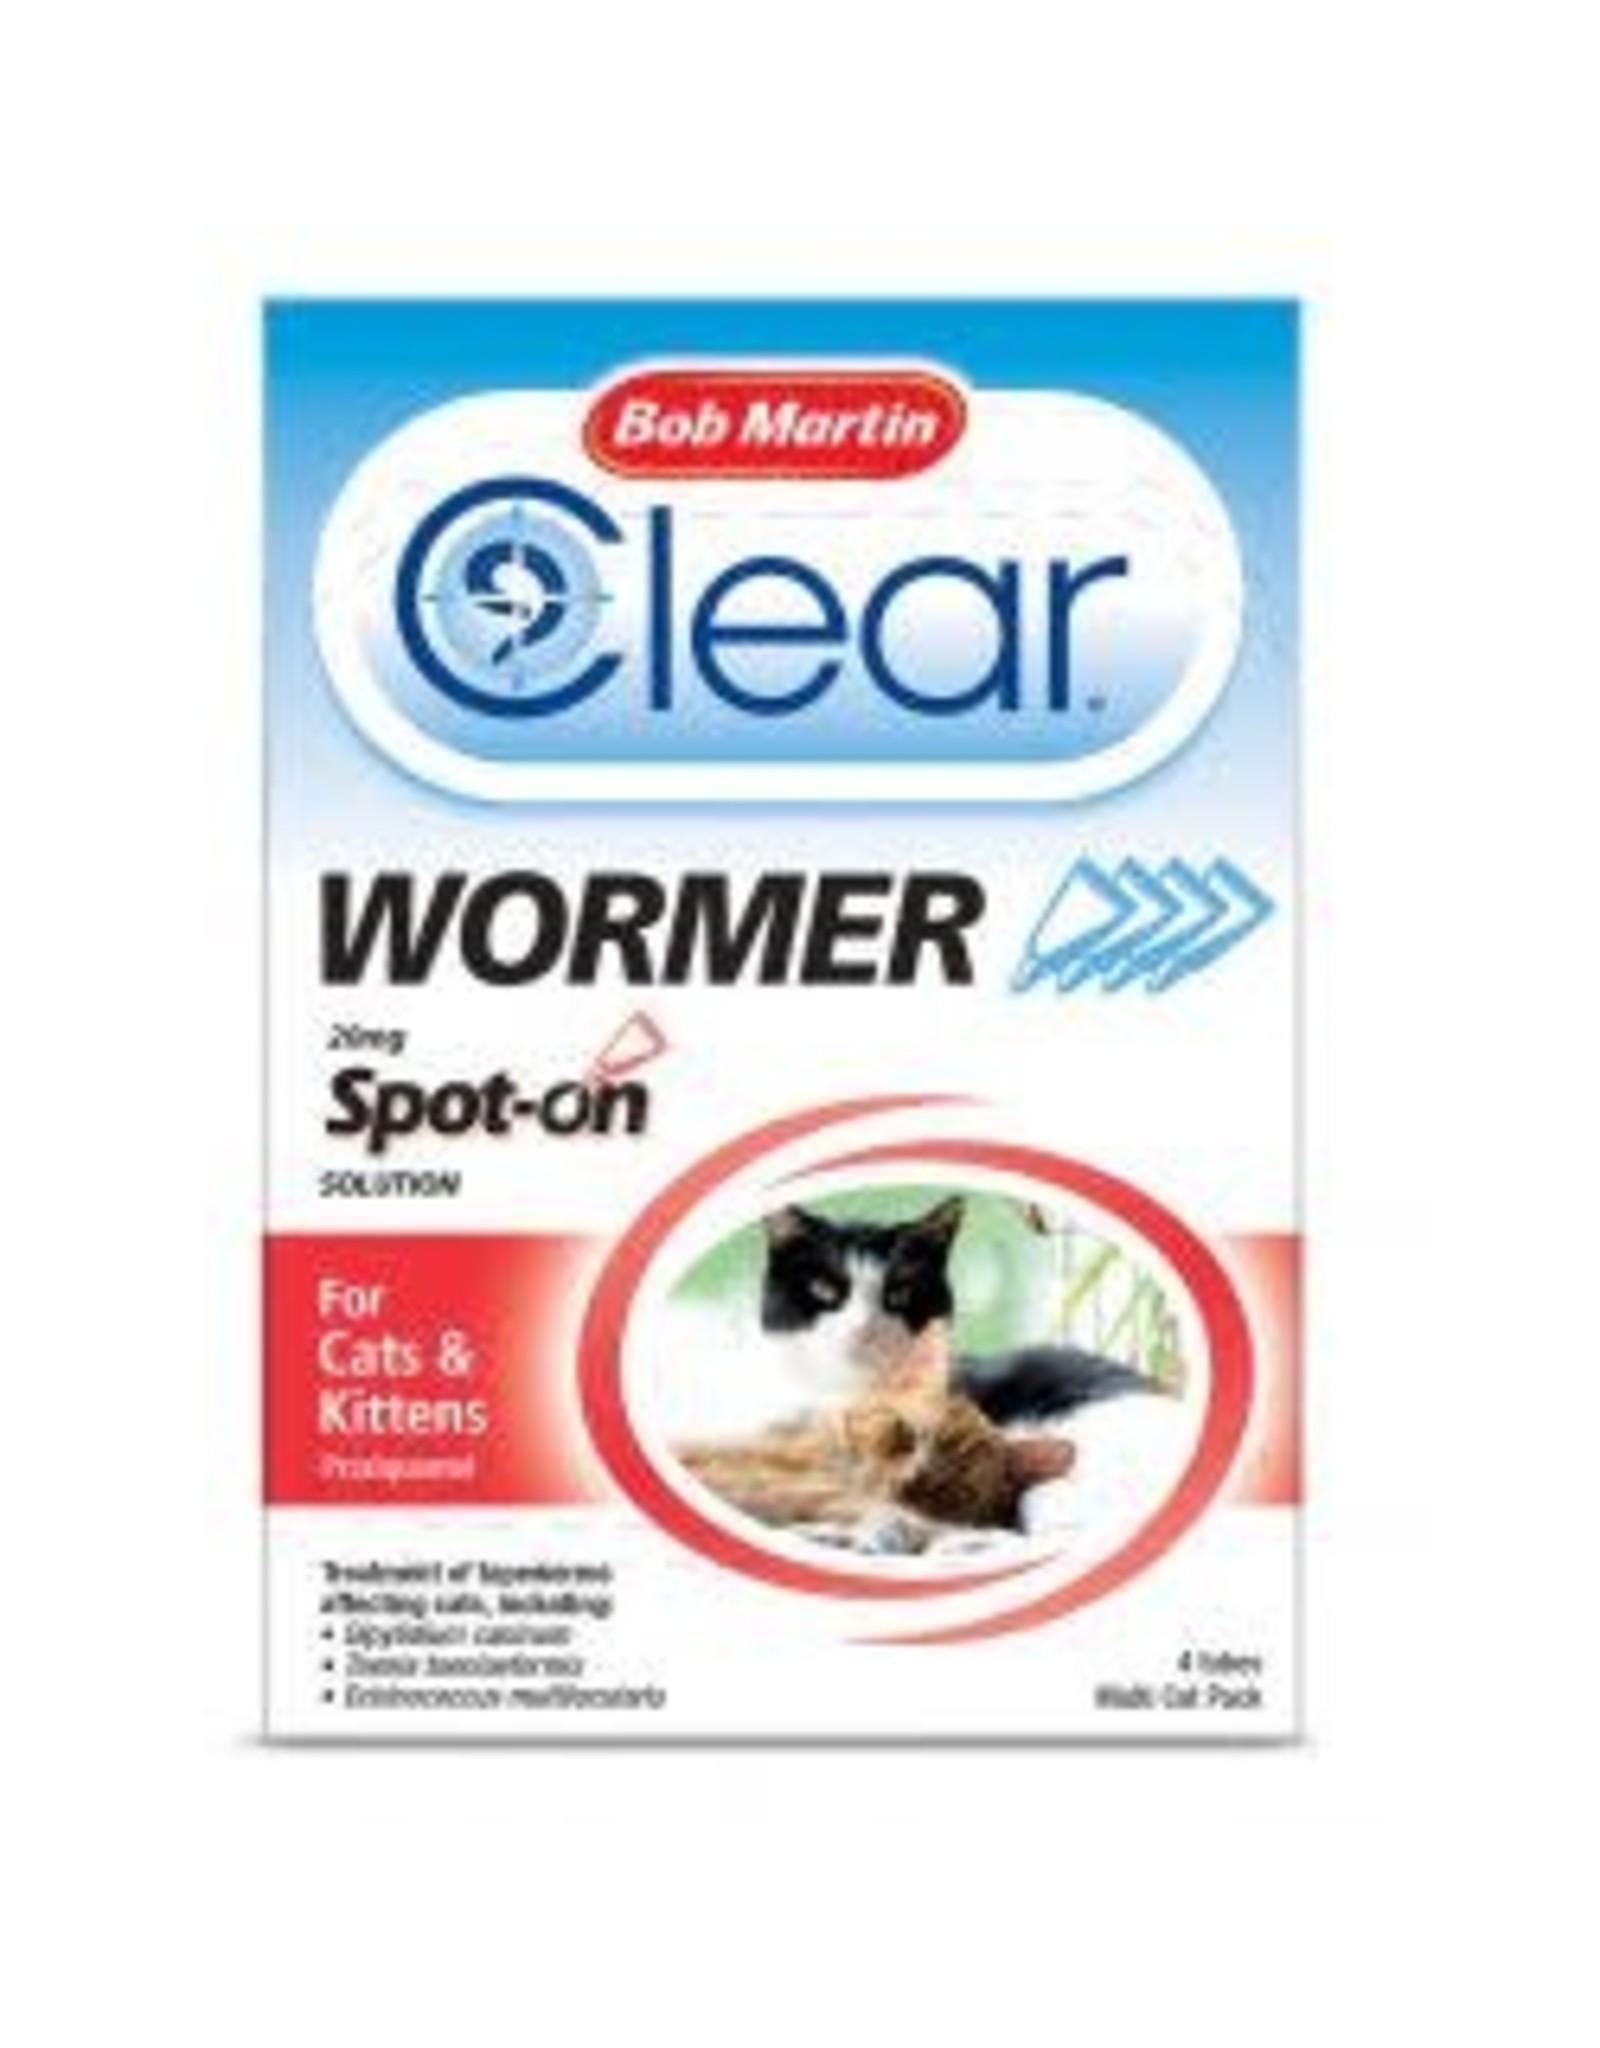 Bob Martin BM Spot On Wormer Cat & Kitten 4 Tube